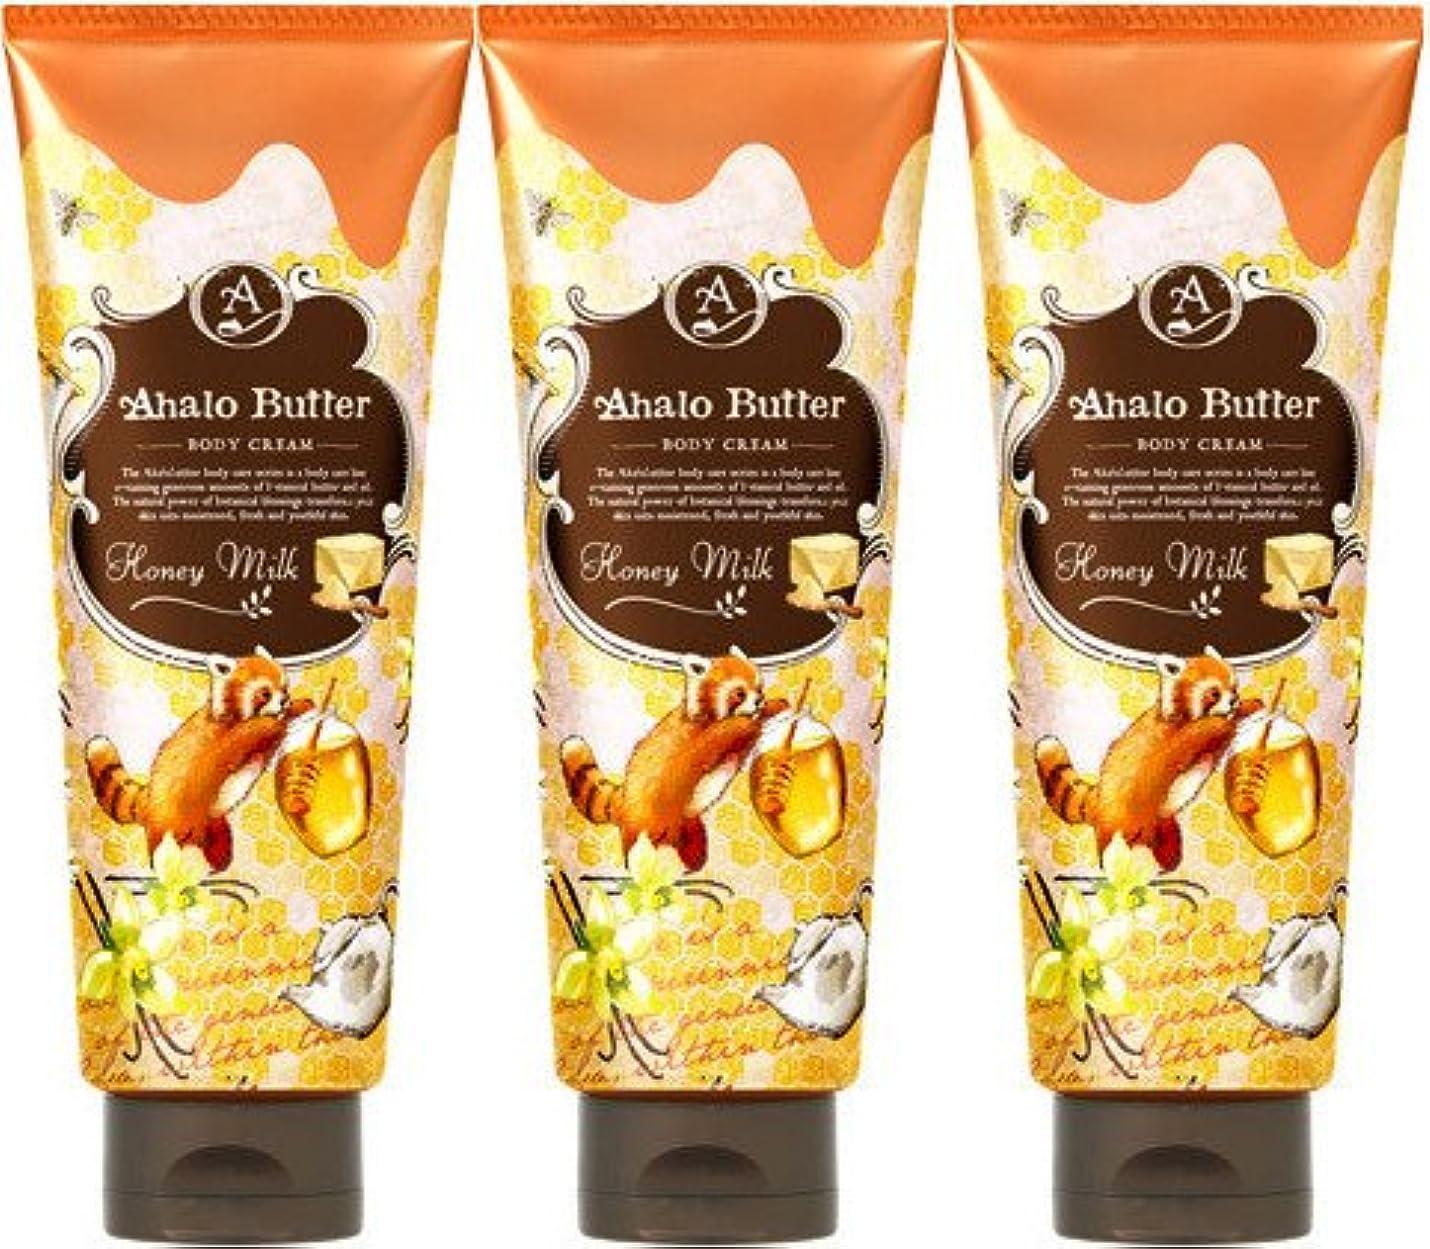 フレア着飾る十分に【3個セット】Ahalo butter(アハロバター) ボディクリーム ハニーミルク 150g